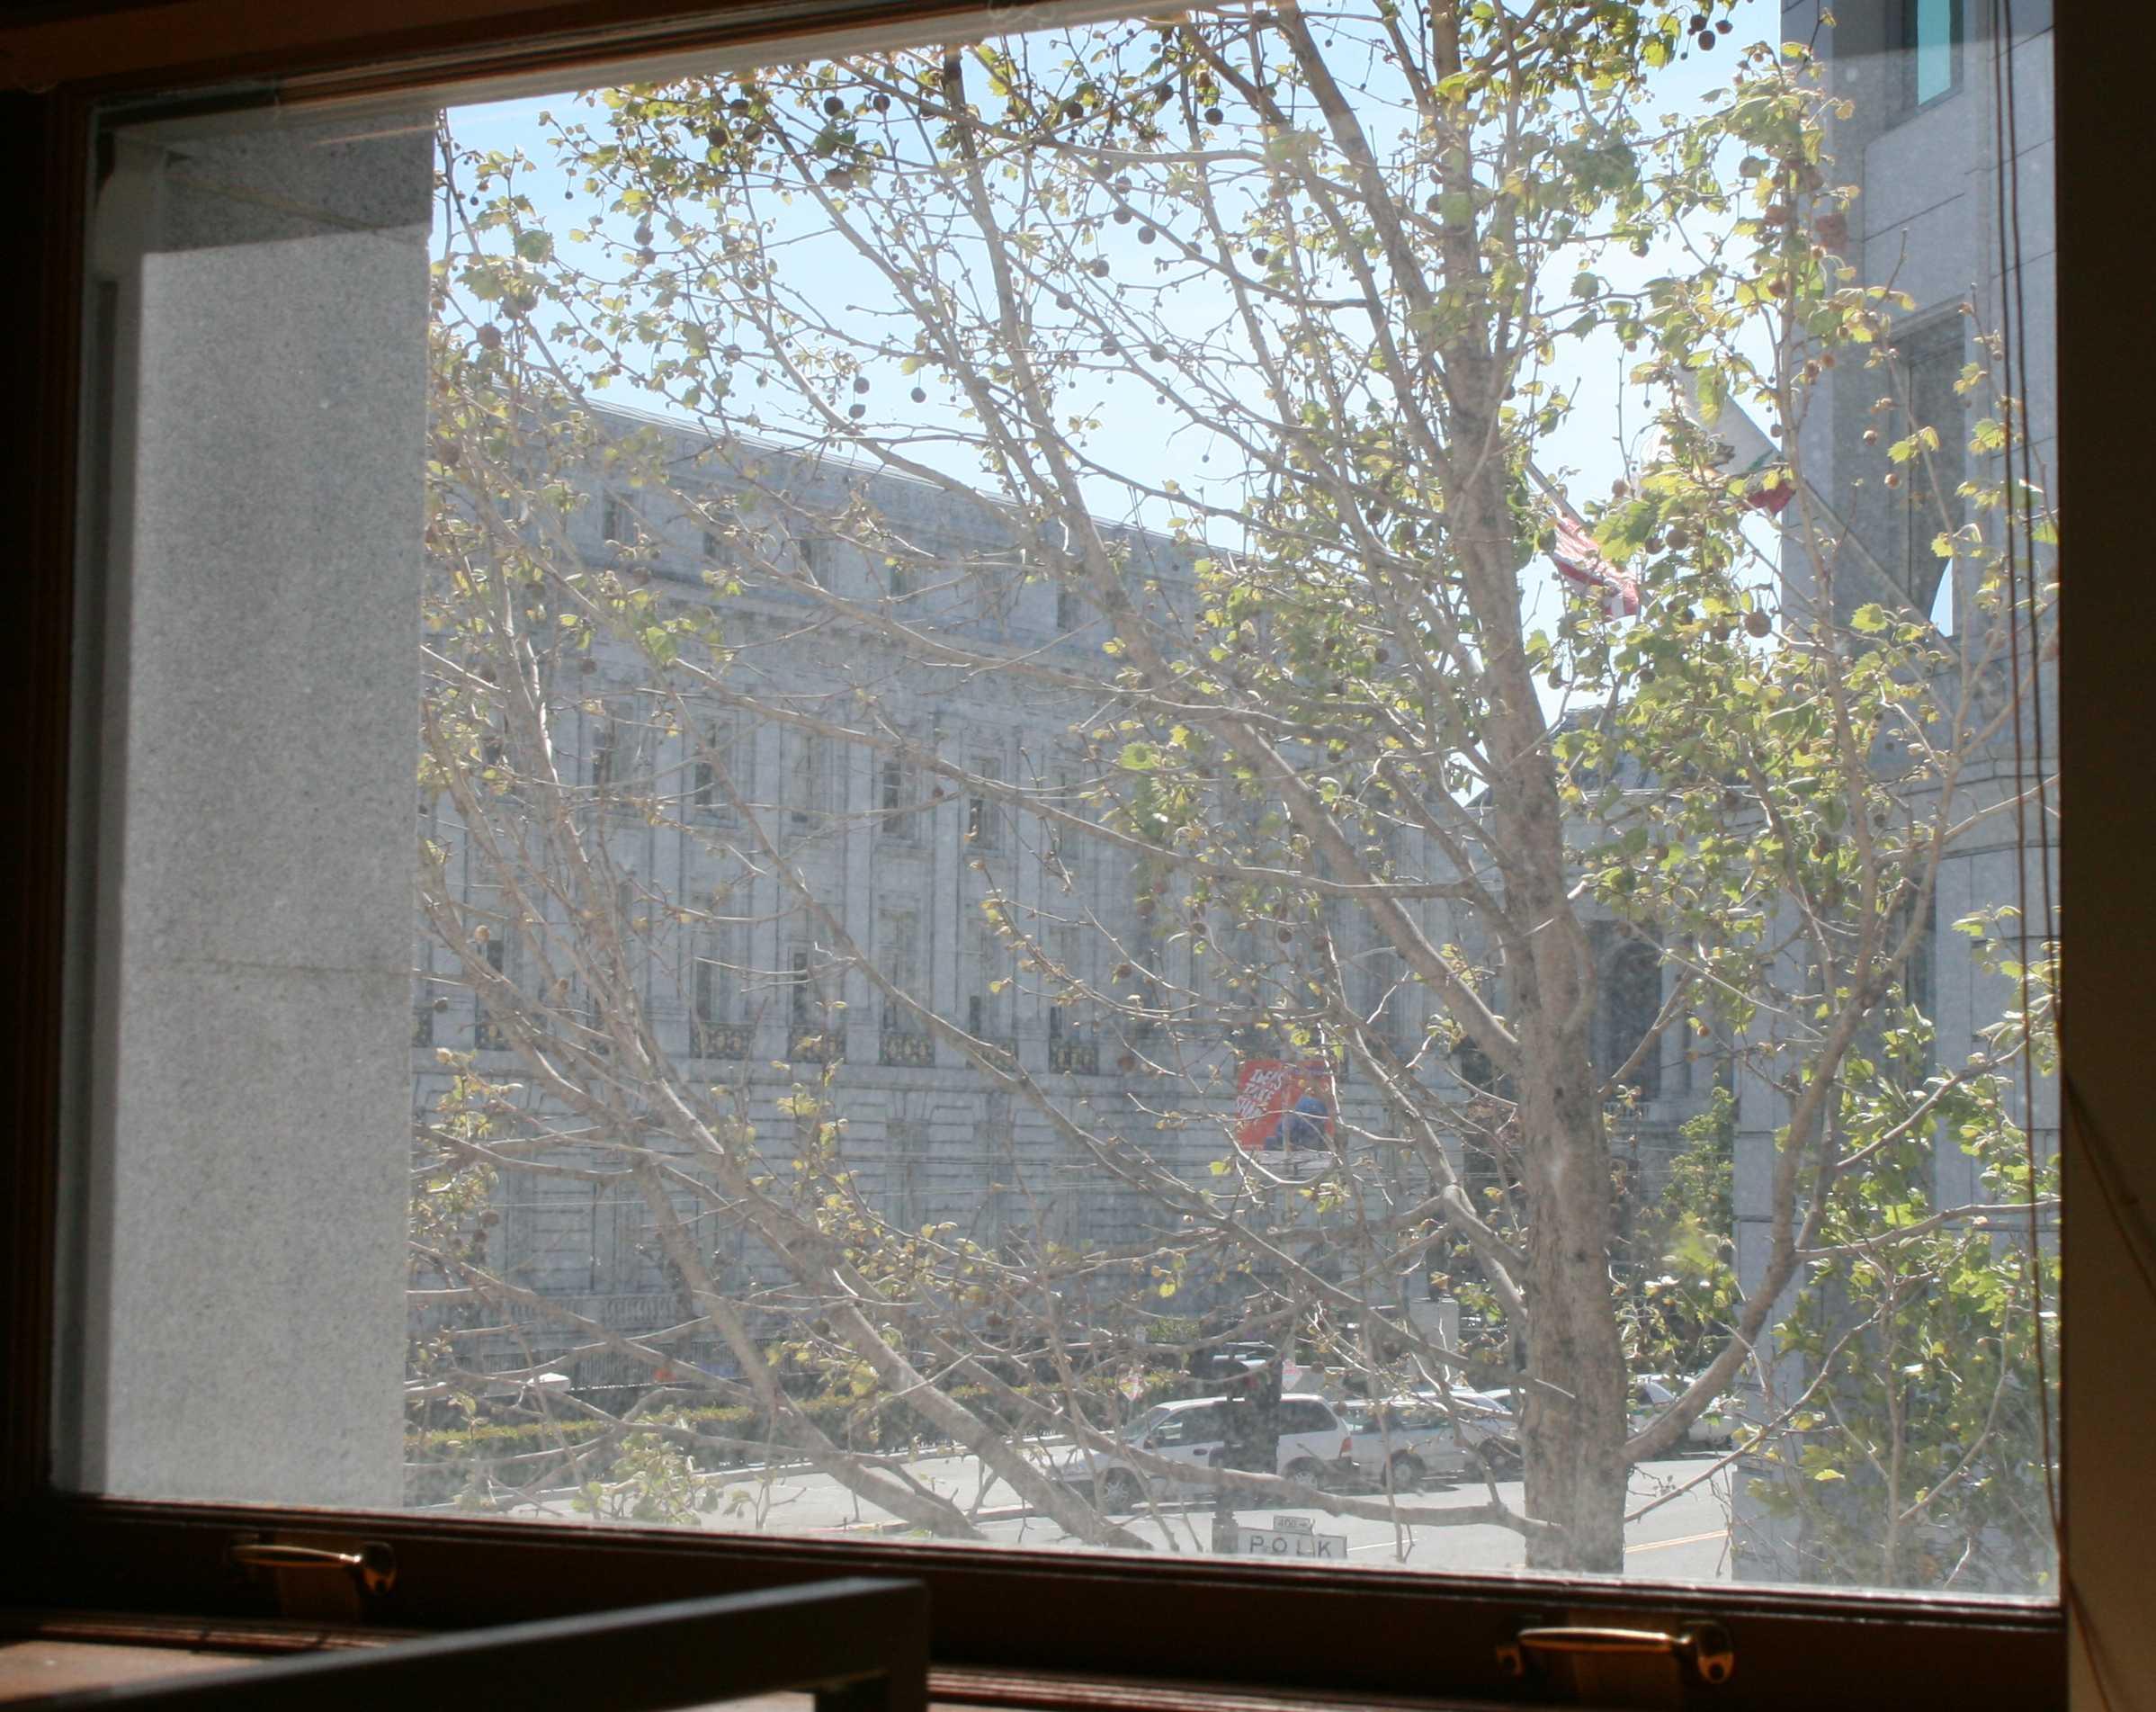 20090416_window-from-desk